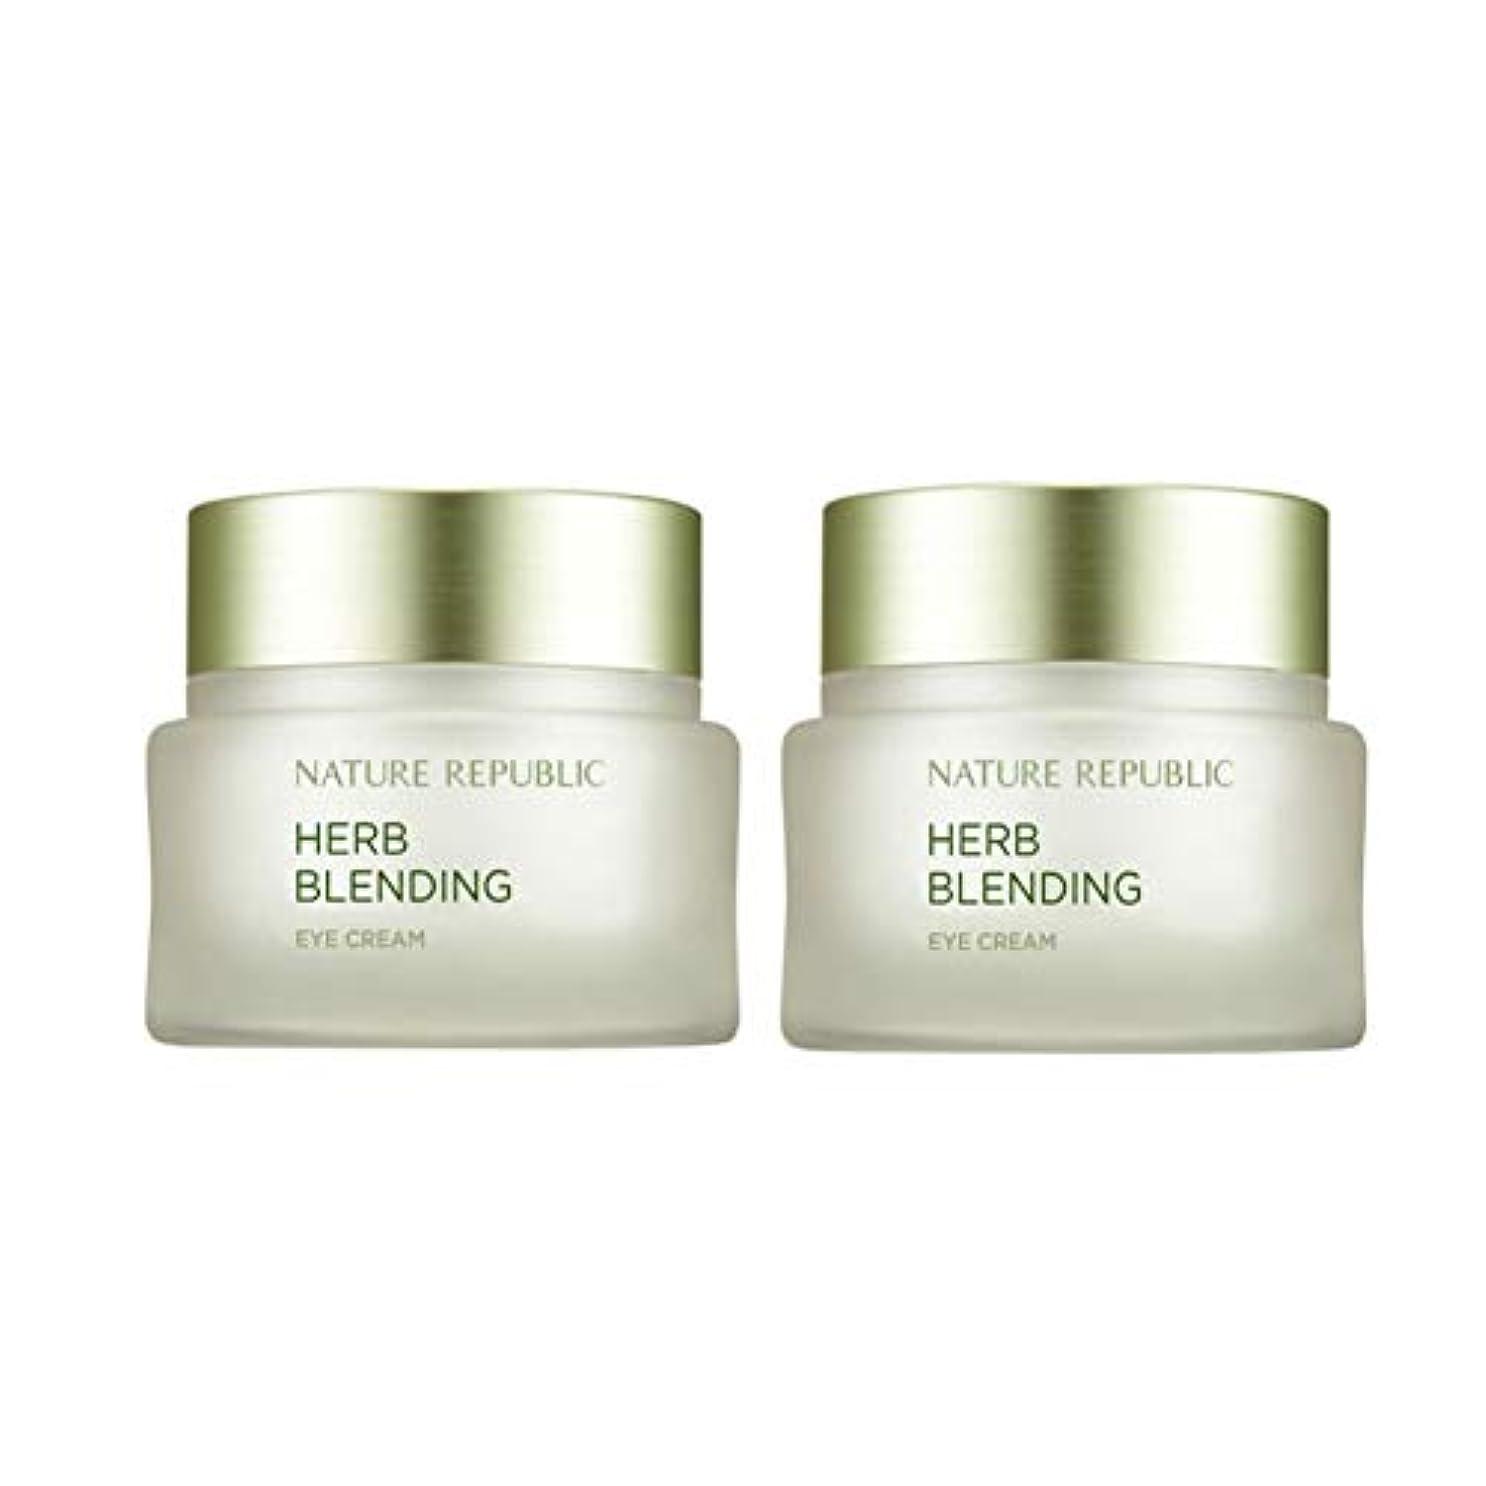 ソフィー下るばかネイチャーリパブリックハーブ?ブレンディングクリーム50mlx 2本セット韓国コスメ、Nature Republic Herb Blending Cream 50ml x 2ea Set Korean Cosmetics...